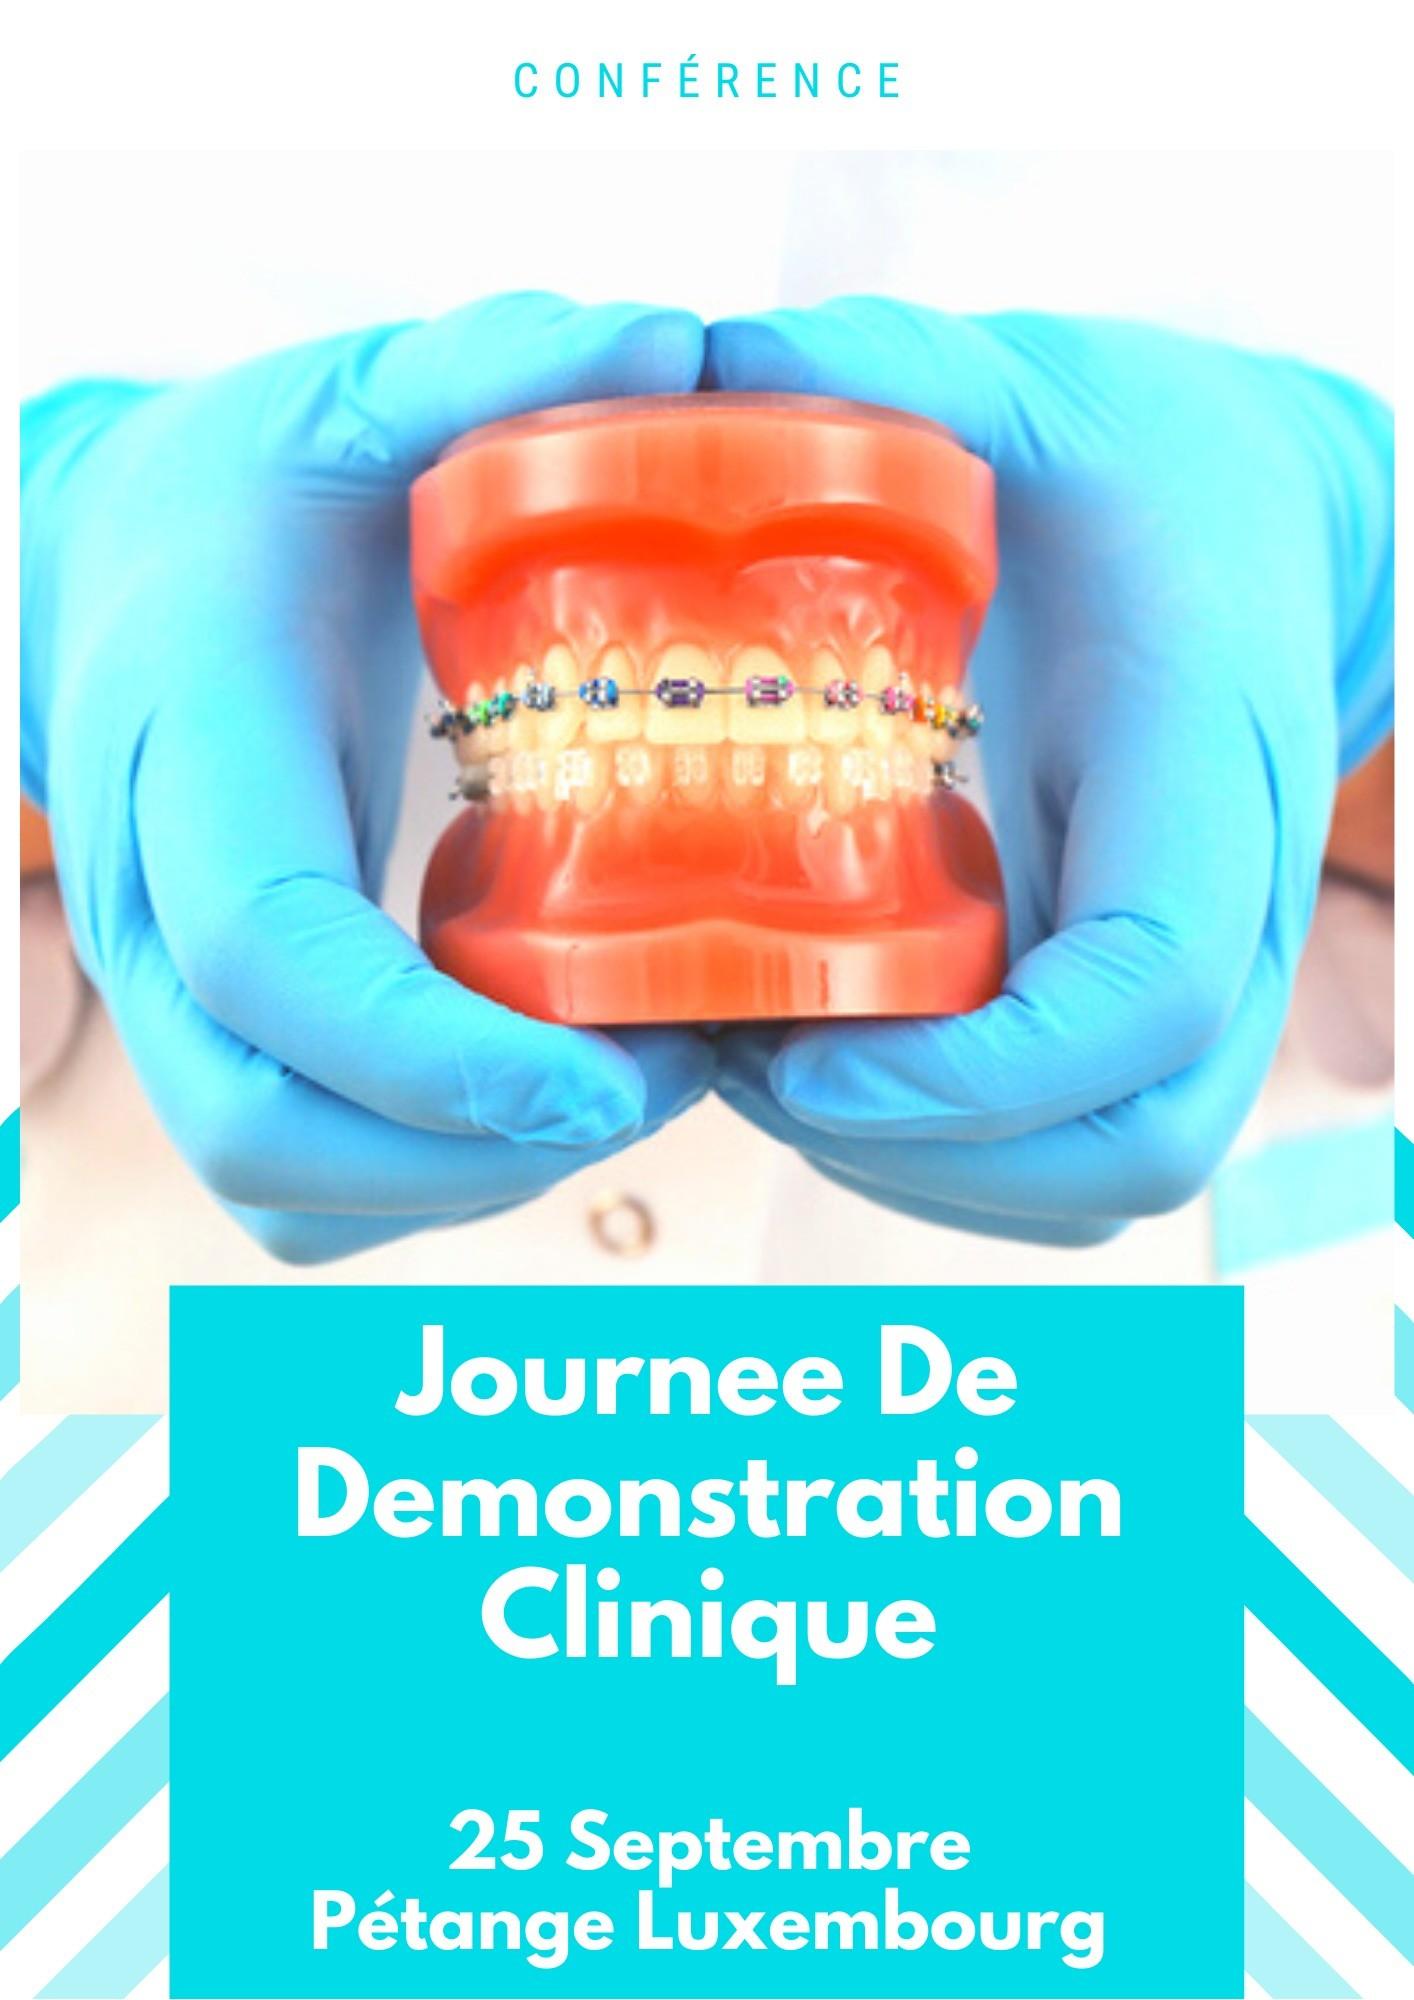 Journee De Demonstration Clinique